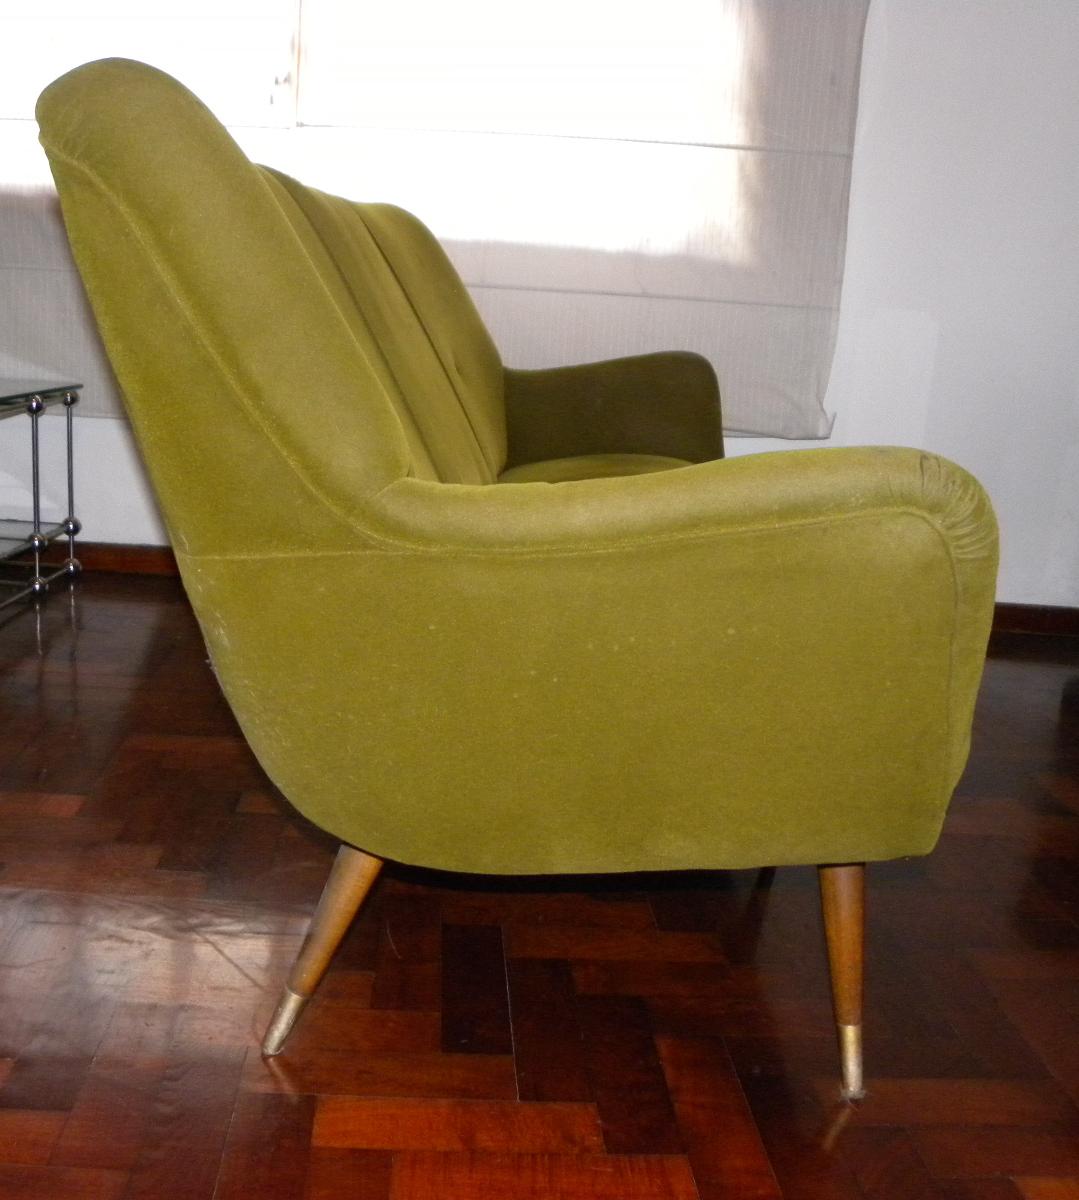 Deco retro vintage juego de sillones g ndola - Sillones vintage retro ...